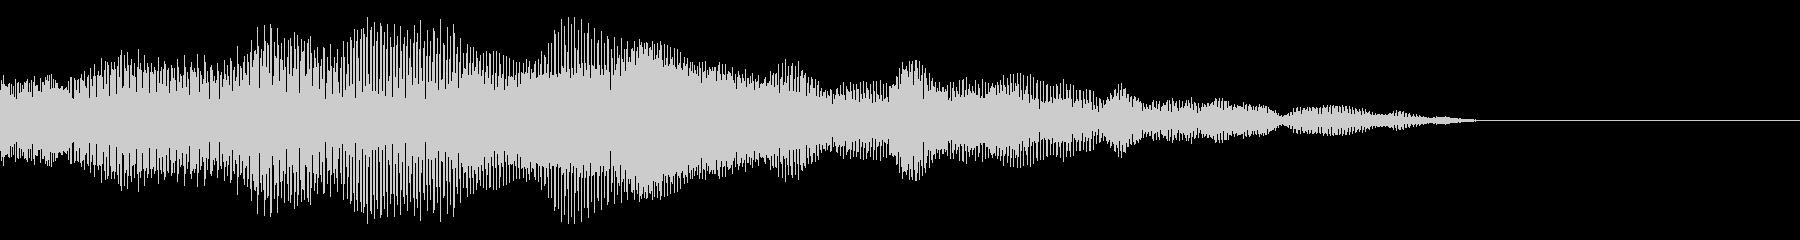 華やかな入手音の未再生の波形